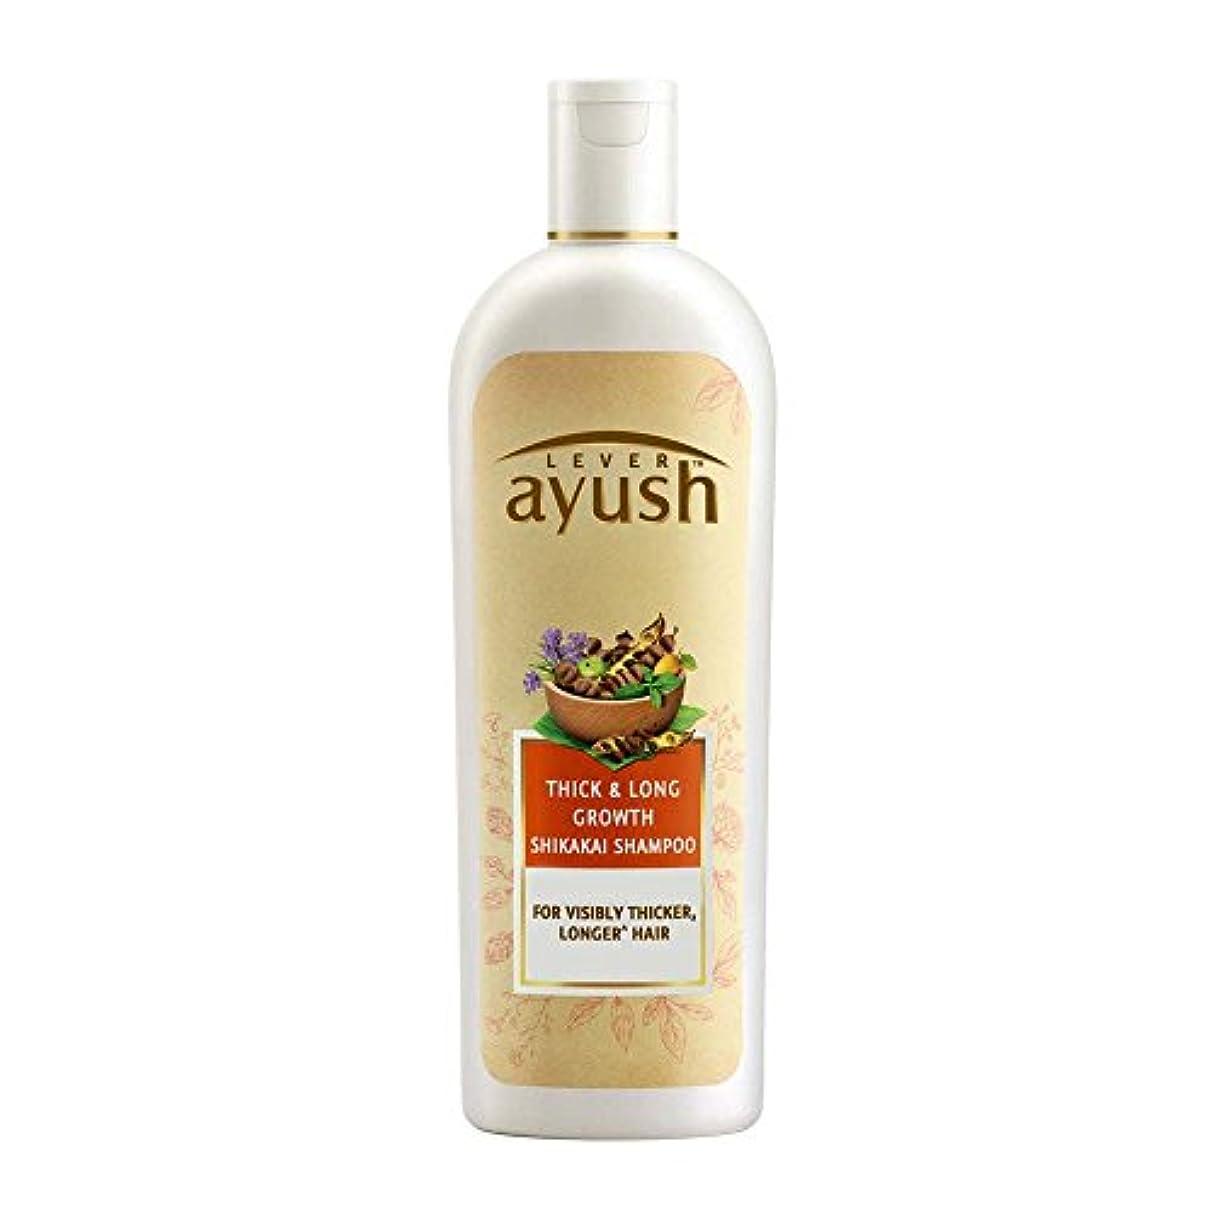 払い戻し鉄ライムLever Ayush Thick and Long Growth Shikakai Shampoo, 175ml - 並行輸入品 - レバーアユッシュシック&ロンググローブシカカイシャンプー、175ml